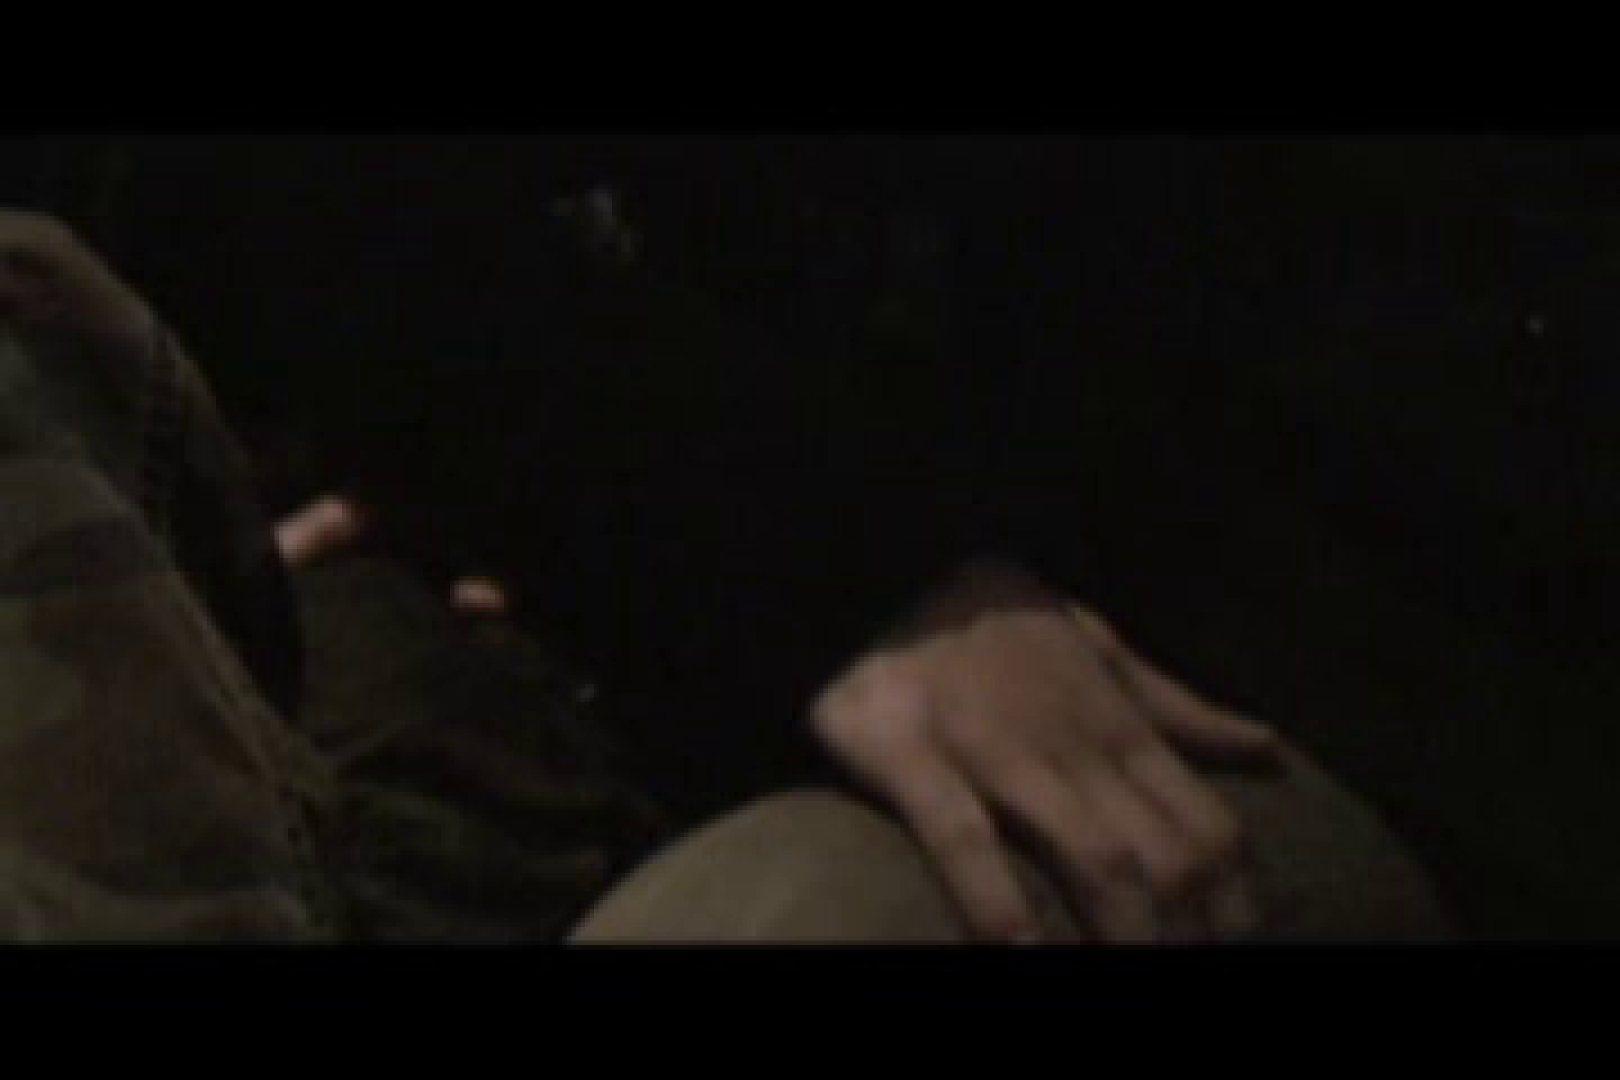 イケメン,s VOL.4 複数セフレプレイ ゲイエロ動画 91pic 35